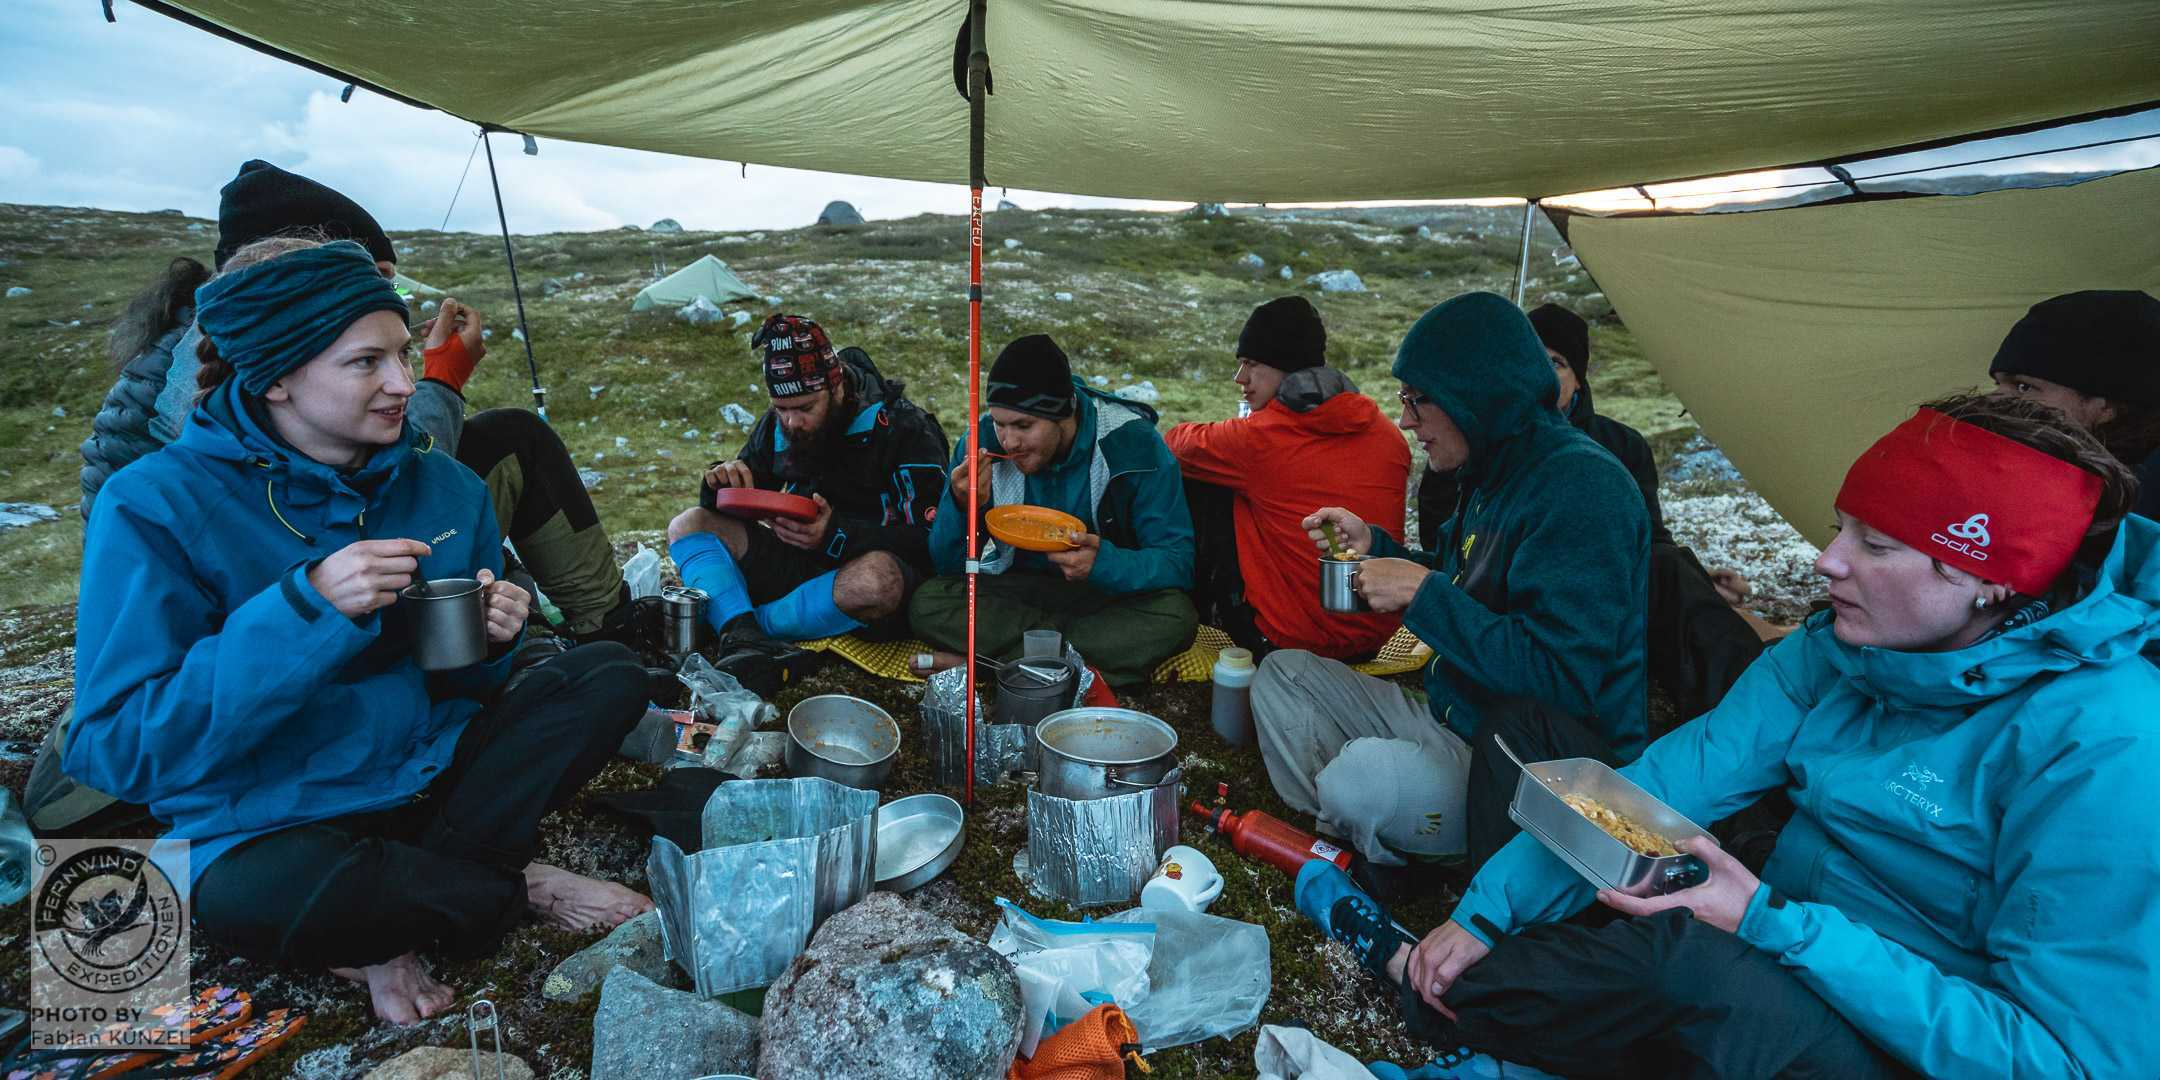 Essen unter der Plane in Norwegen